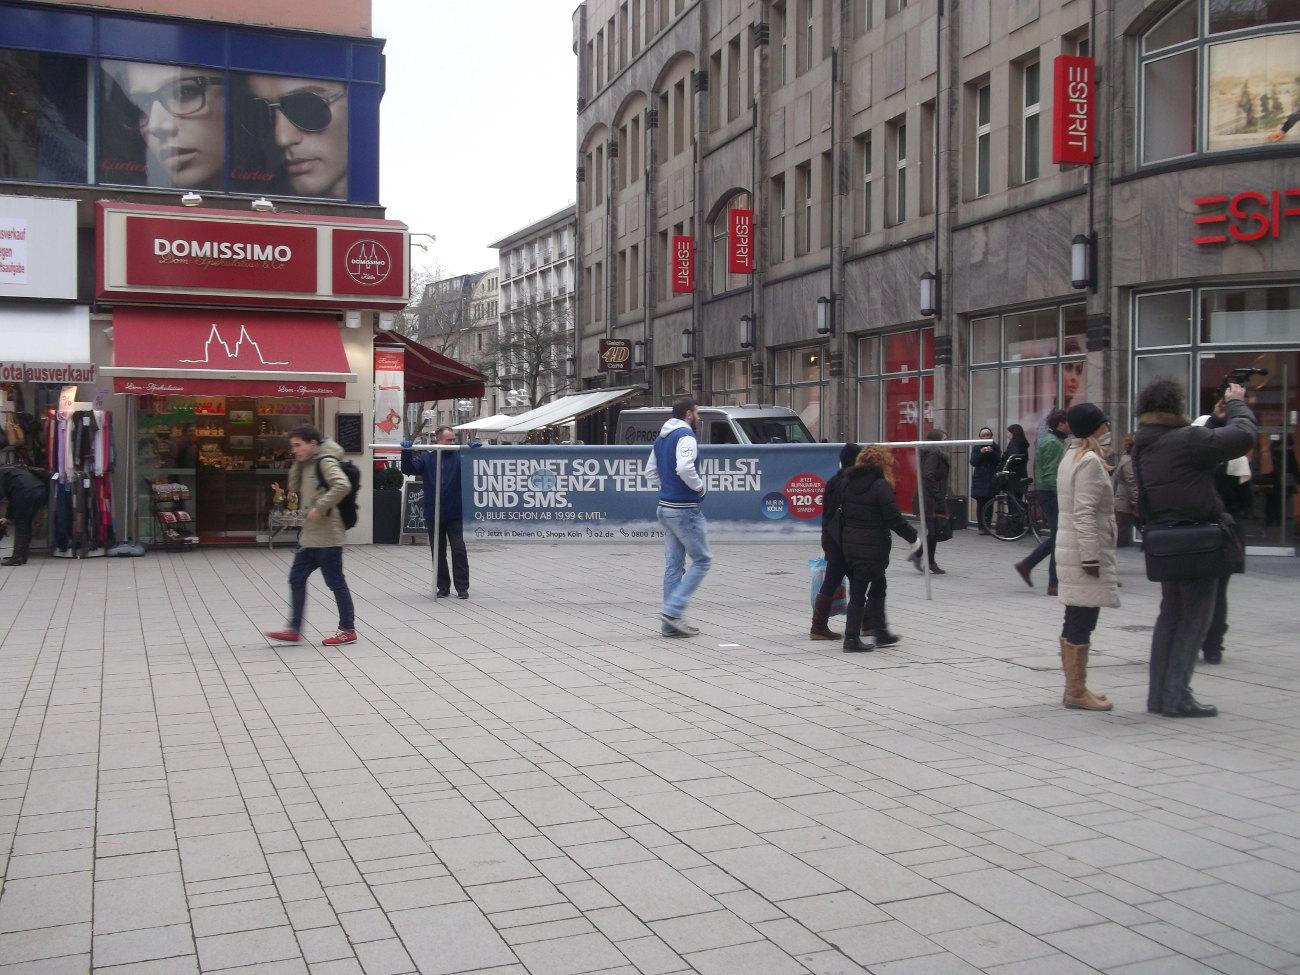 mobiles Werbebanner in Fußgängerzone - Innenstadt-Werbung